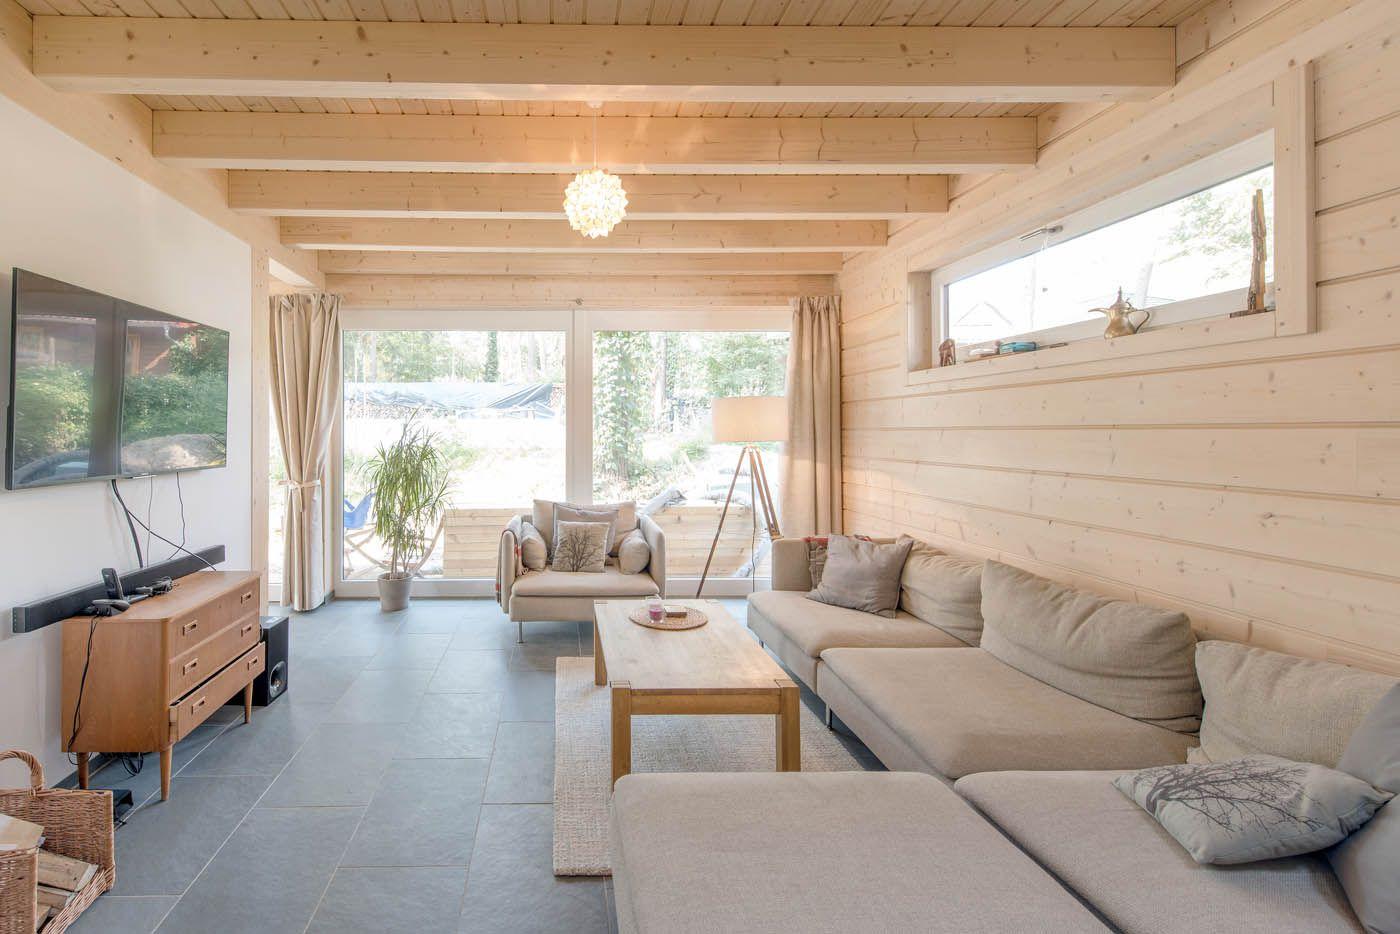 La maison MALLA de Polar Life Haus est une maison moderne ...